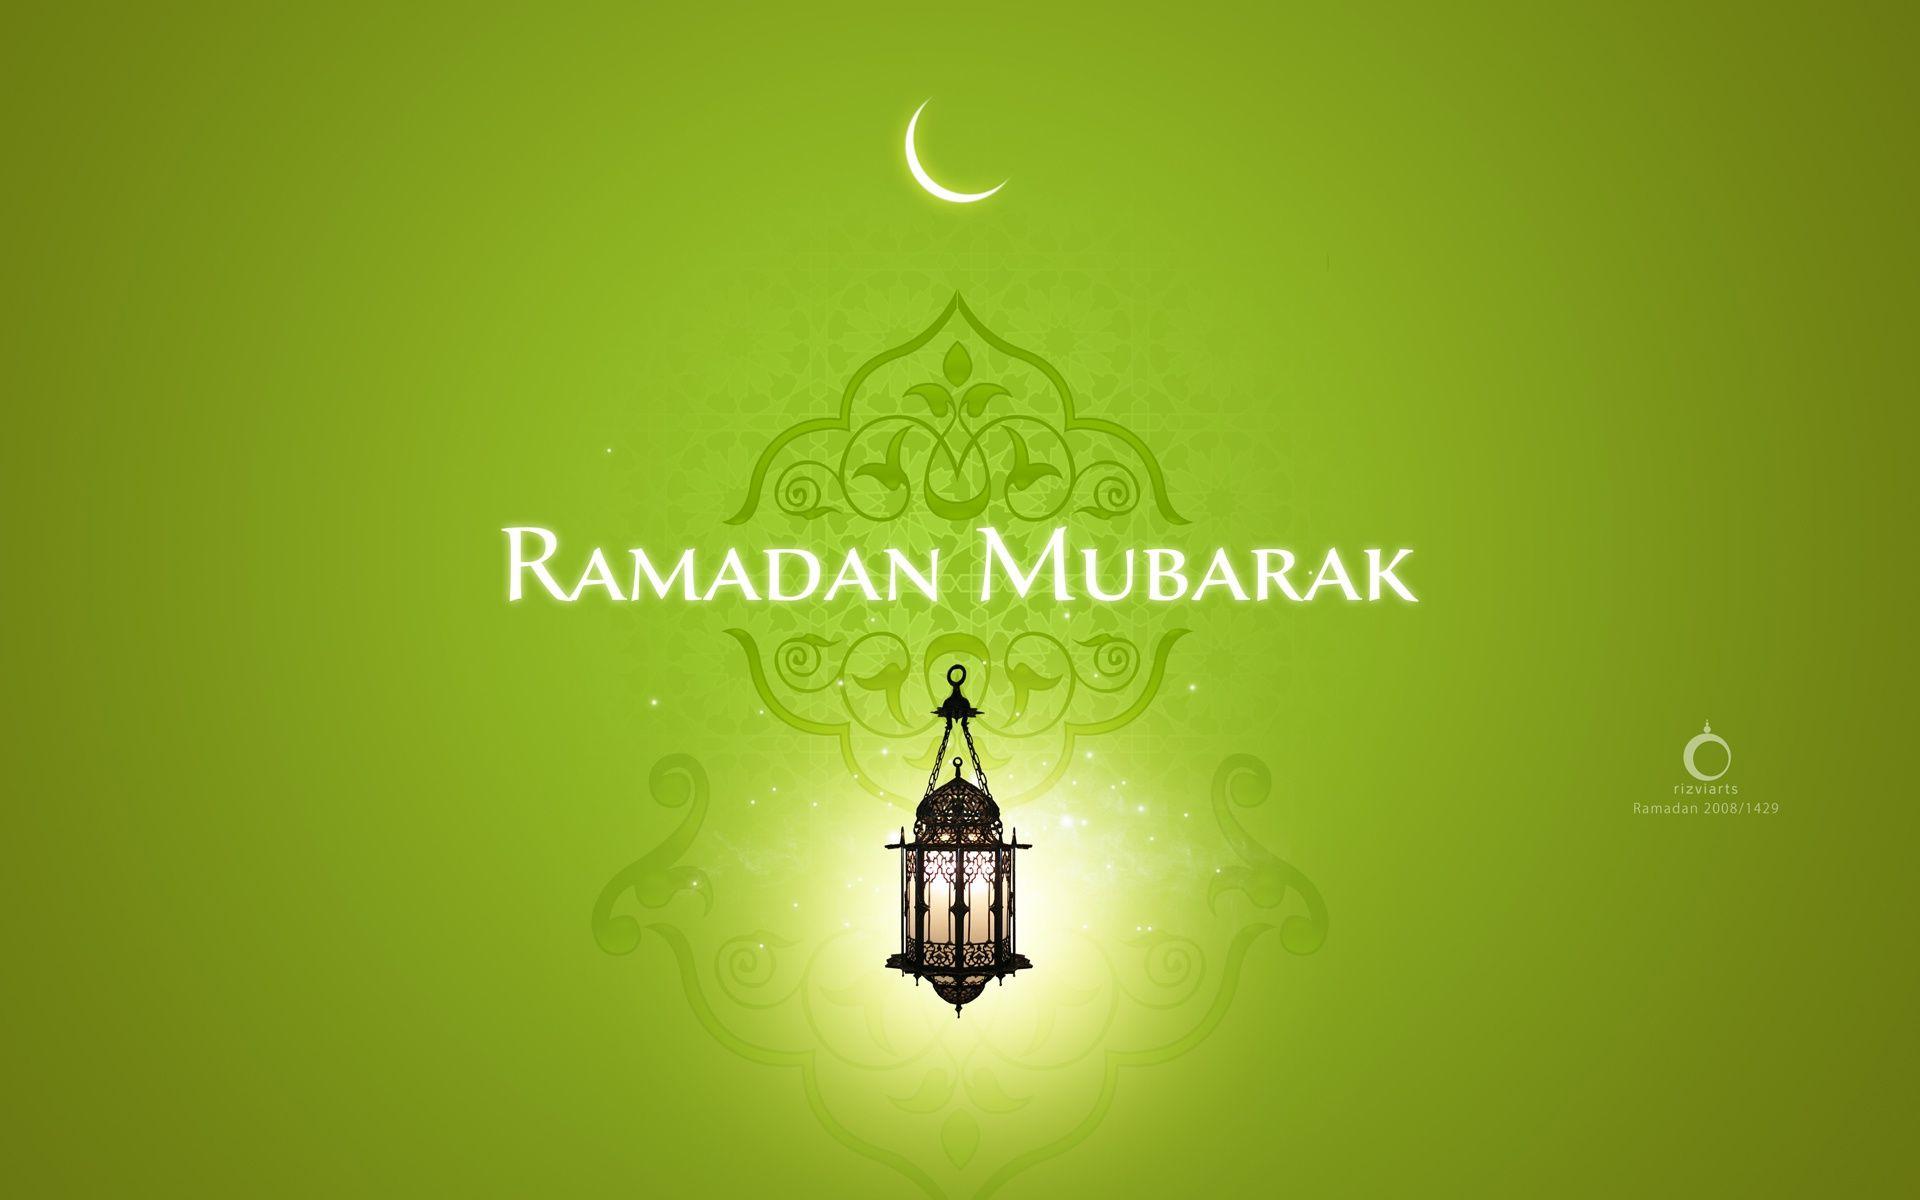 Cool Reminder Ramadan Wallpaper - 421d4a0c3cde194a575df6a38d5a552f  Trends_55555 .jpg